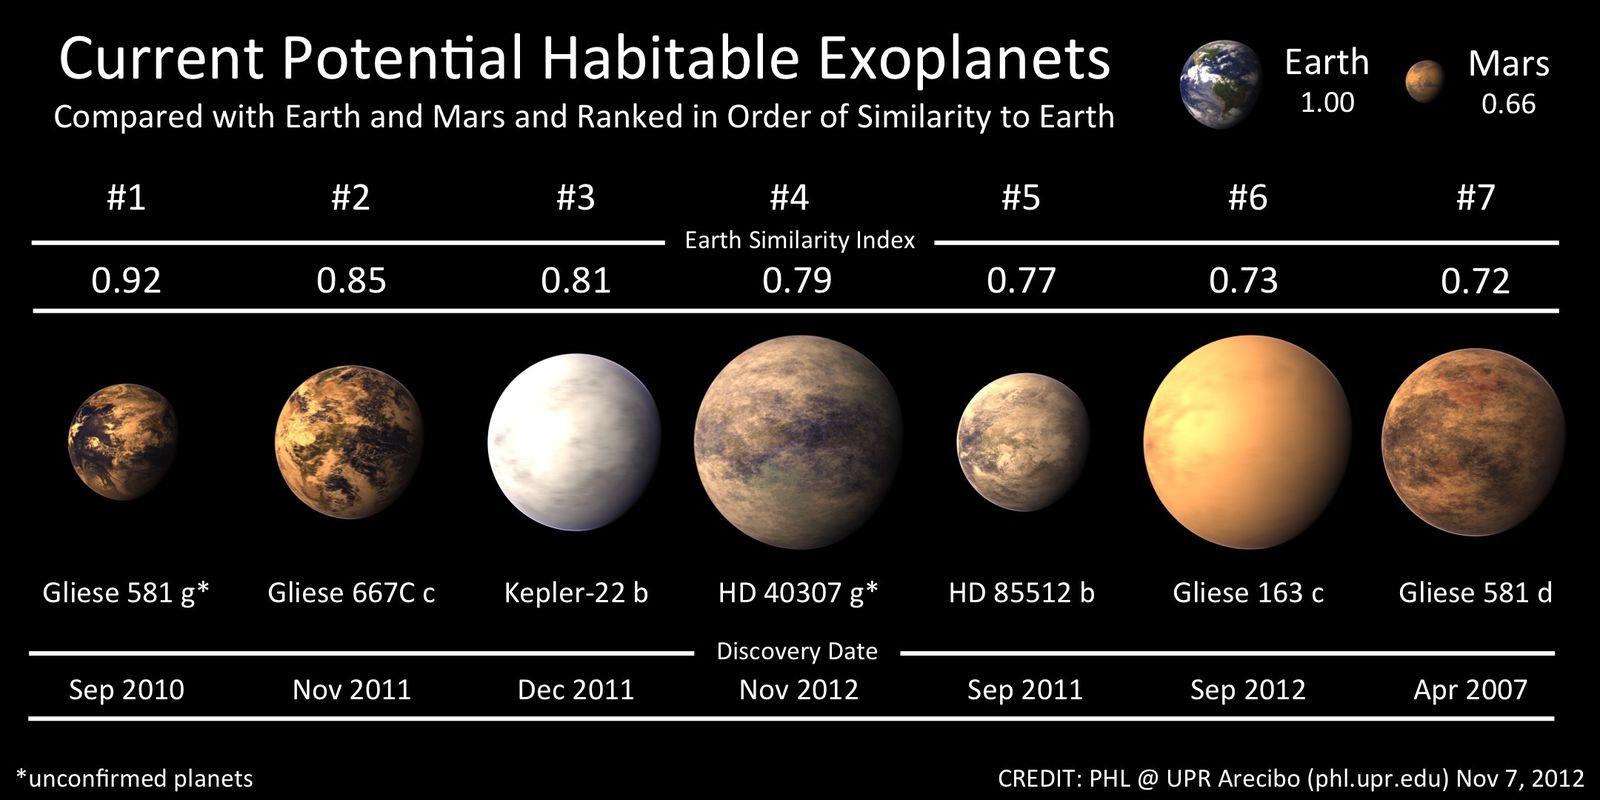 HD 40307g: une exoplanète qui abriterait la vie